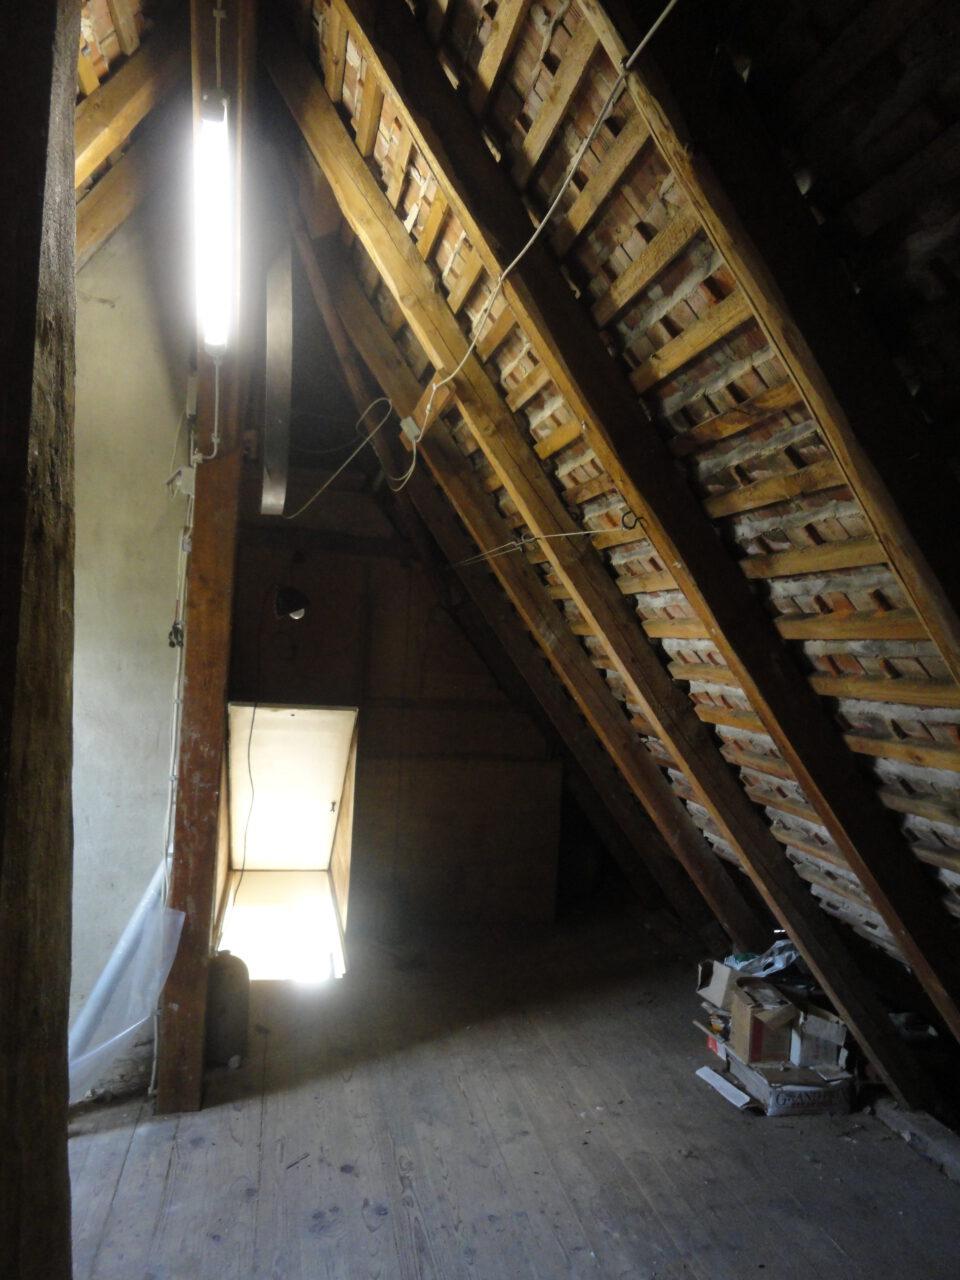 Das Dachgeschoss war zuvor nicht gedämmt, man konnte auf die nackten Ziegel blicken.